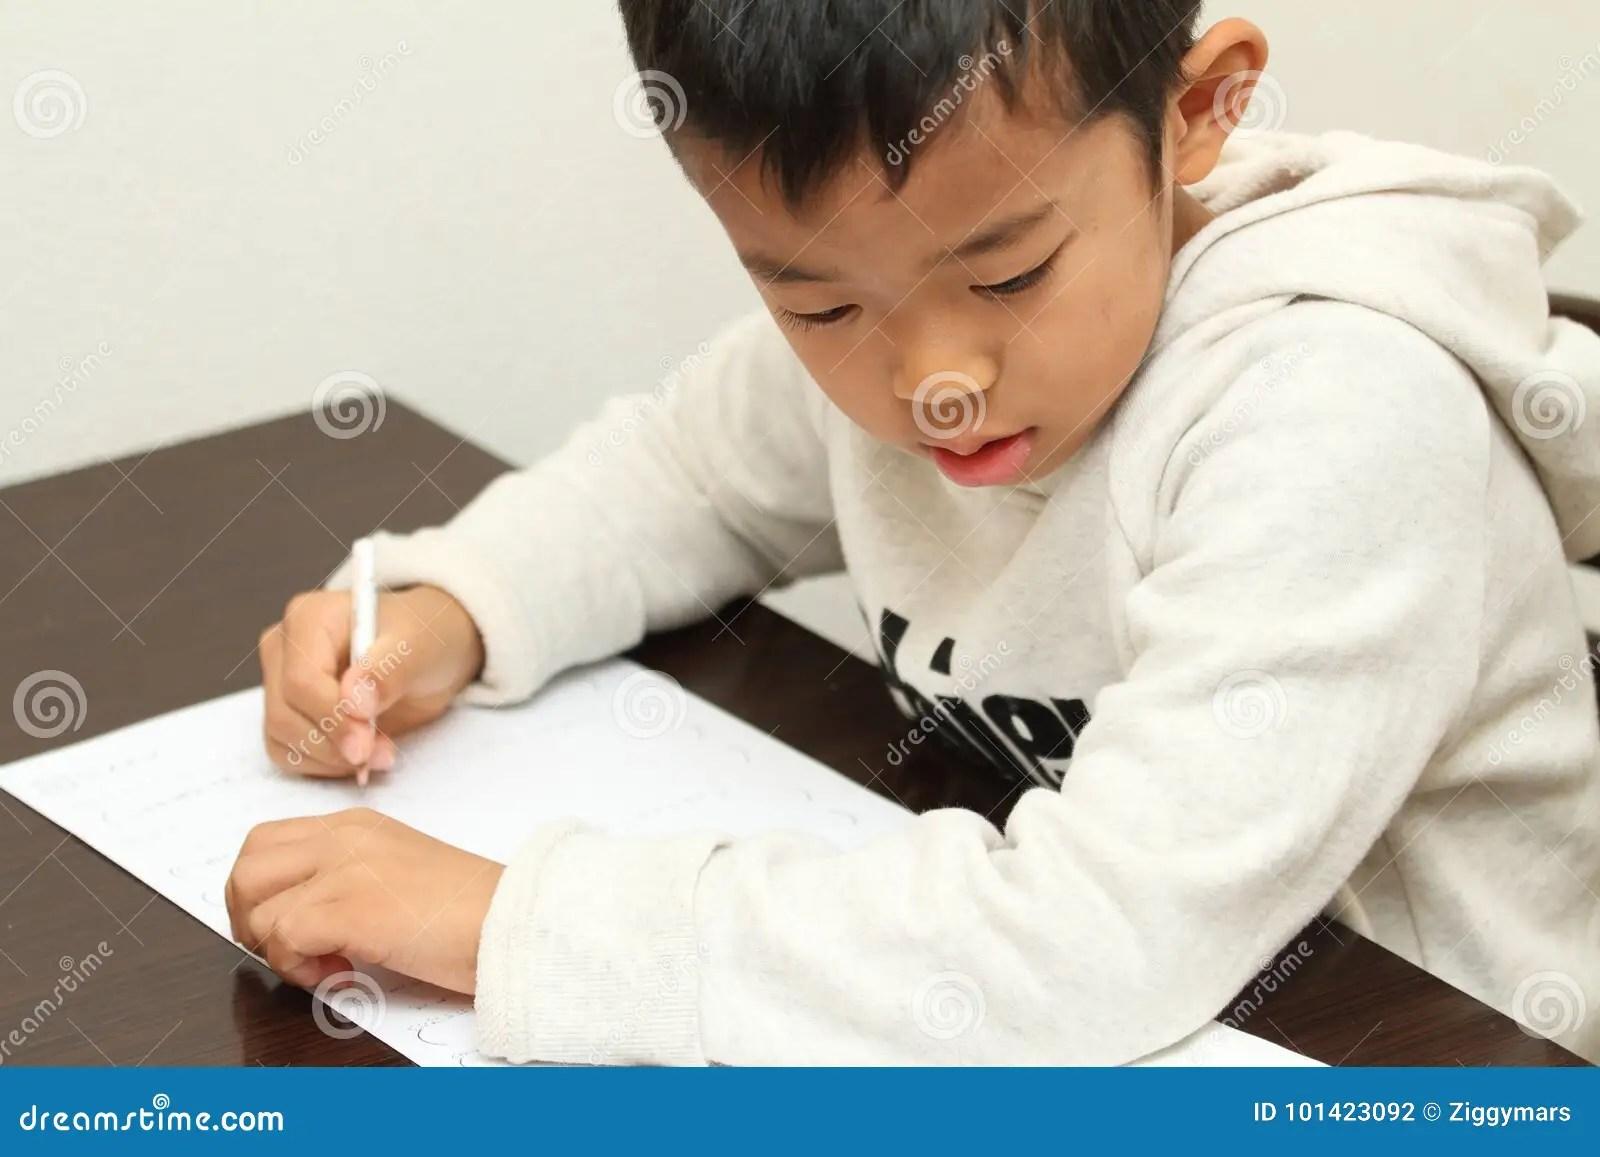 Doing Homework Japanese